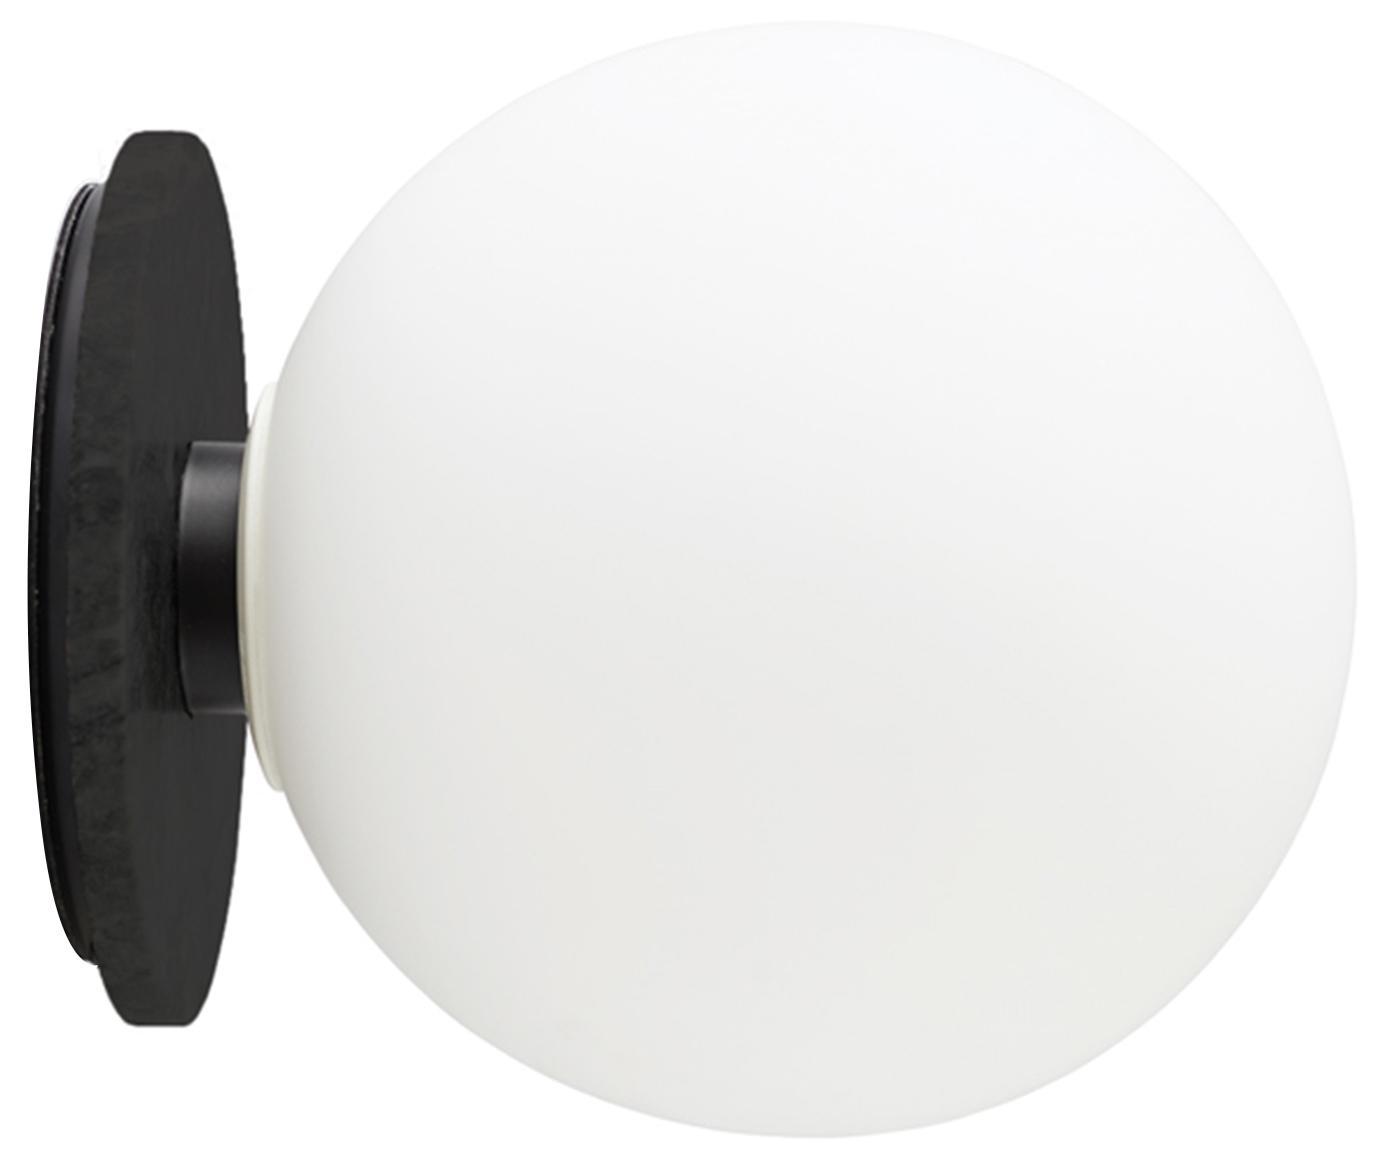 LED Wand- und Deckenleuchte TR Bulb, Lampenschirm: Opalglas, Lampenfuß: Stahl, pulverbeschichtet, Weiß, Schwarz, Ø 20 x T 22 cm